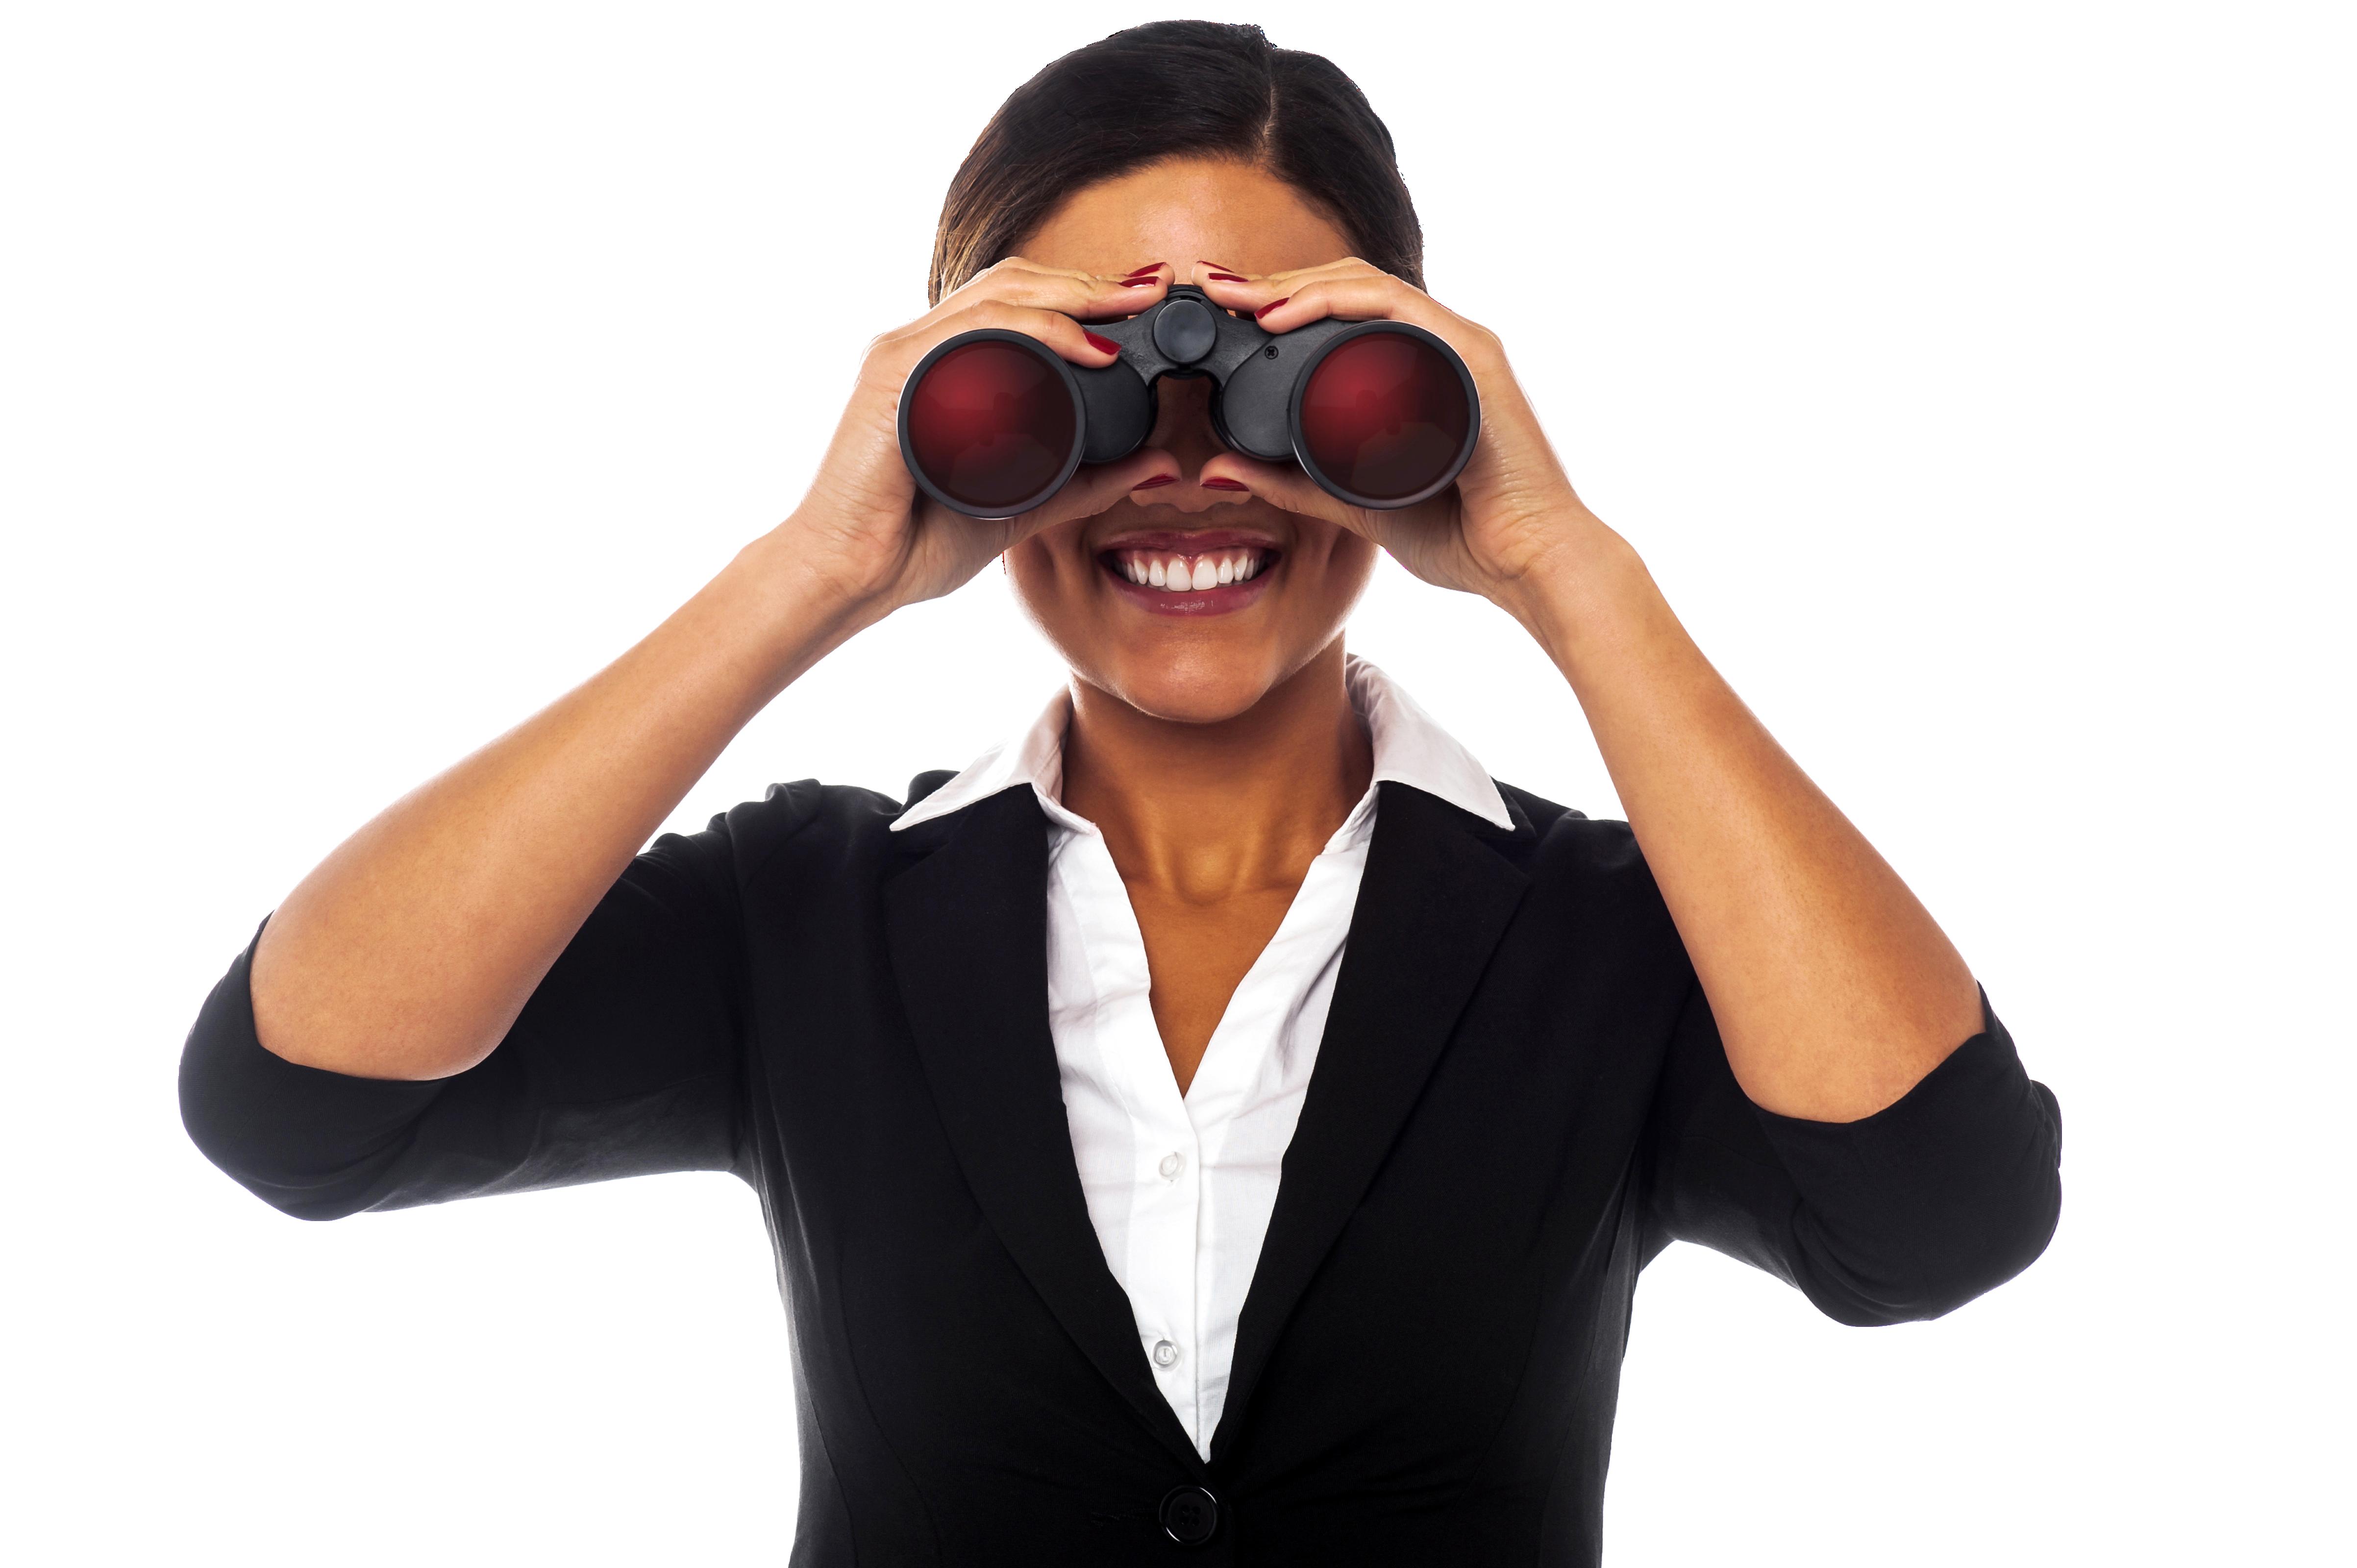 Women Holding Binoculars PNG Image